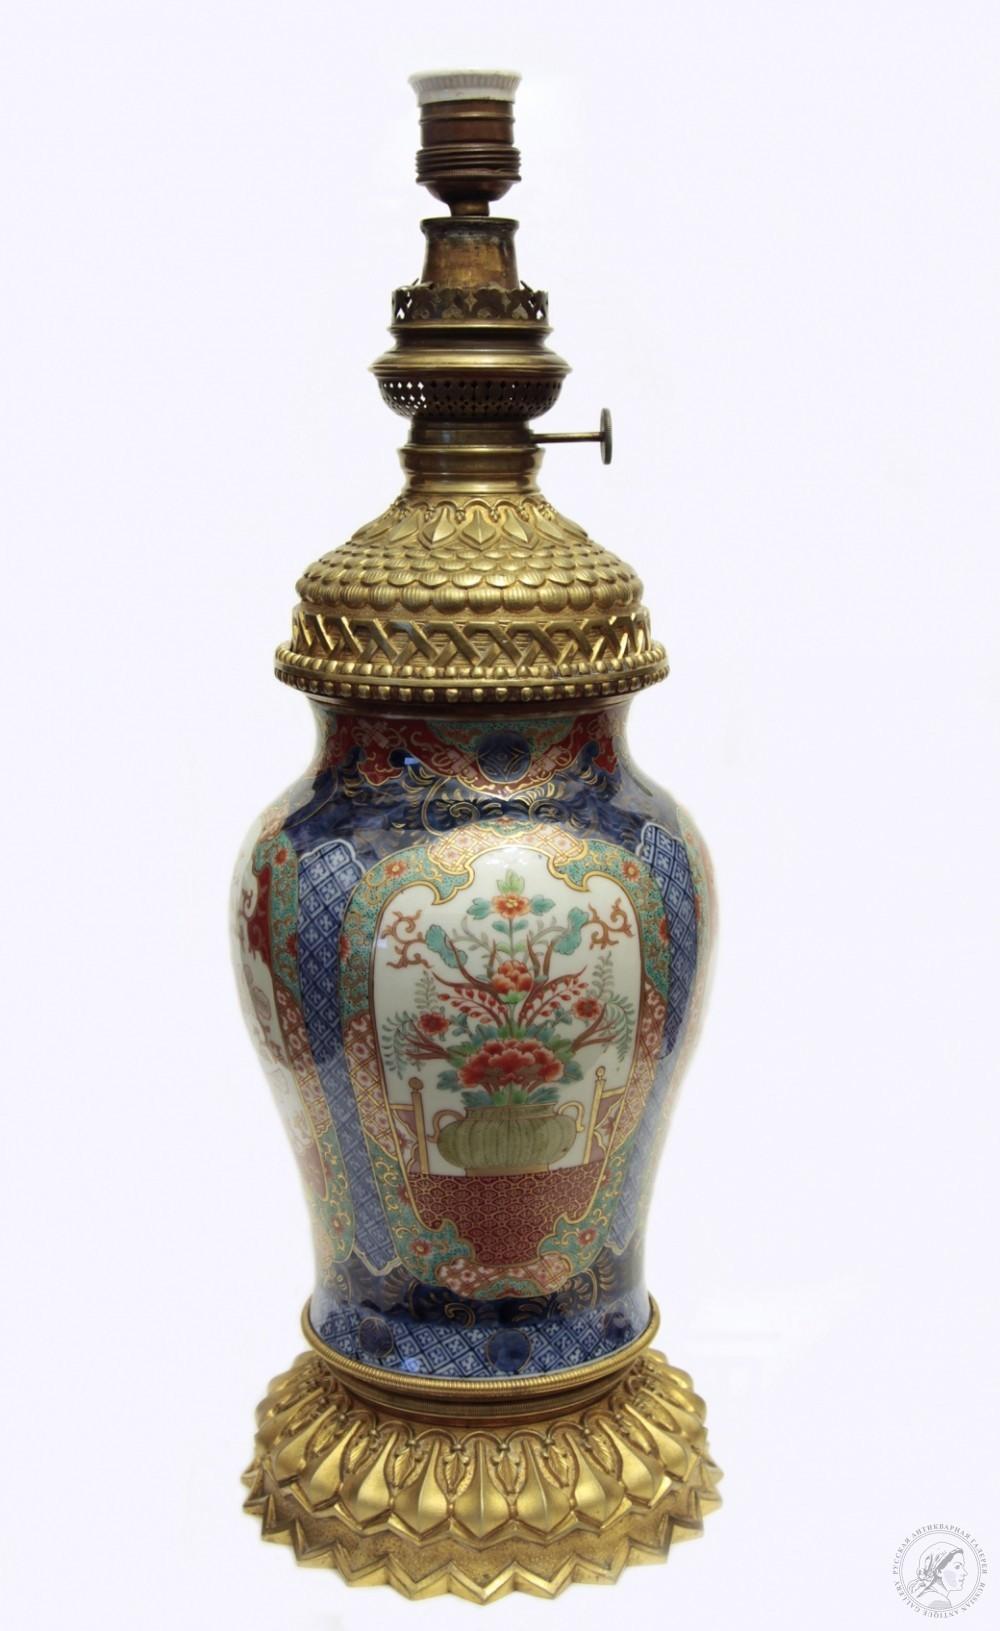 Старинная лампа в китайском стиле. ПОСТАВЩИКА ВЫСОЧАЙШАГО ДВОРА. Фабрики КРУМБЮГЕЛЬ. А